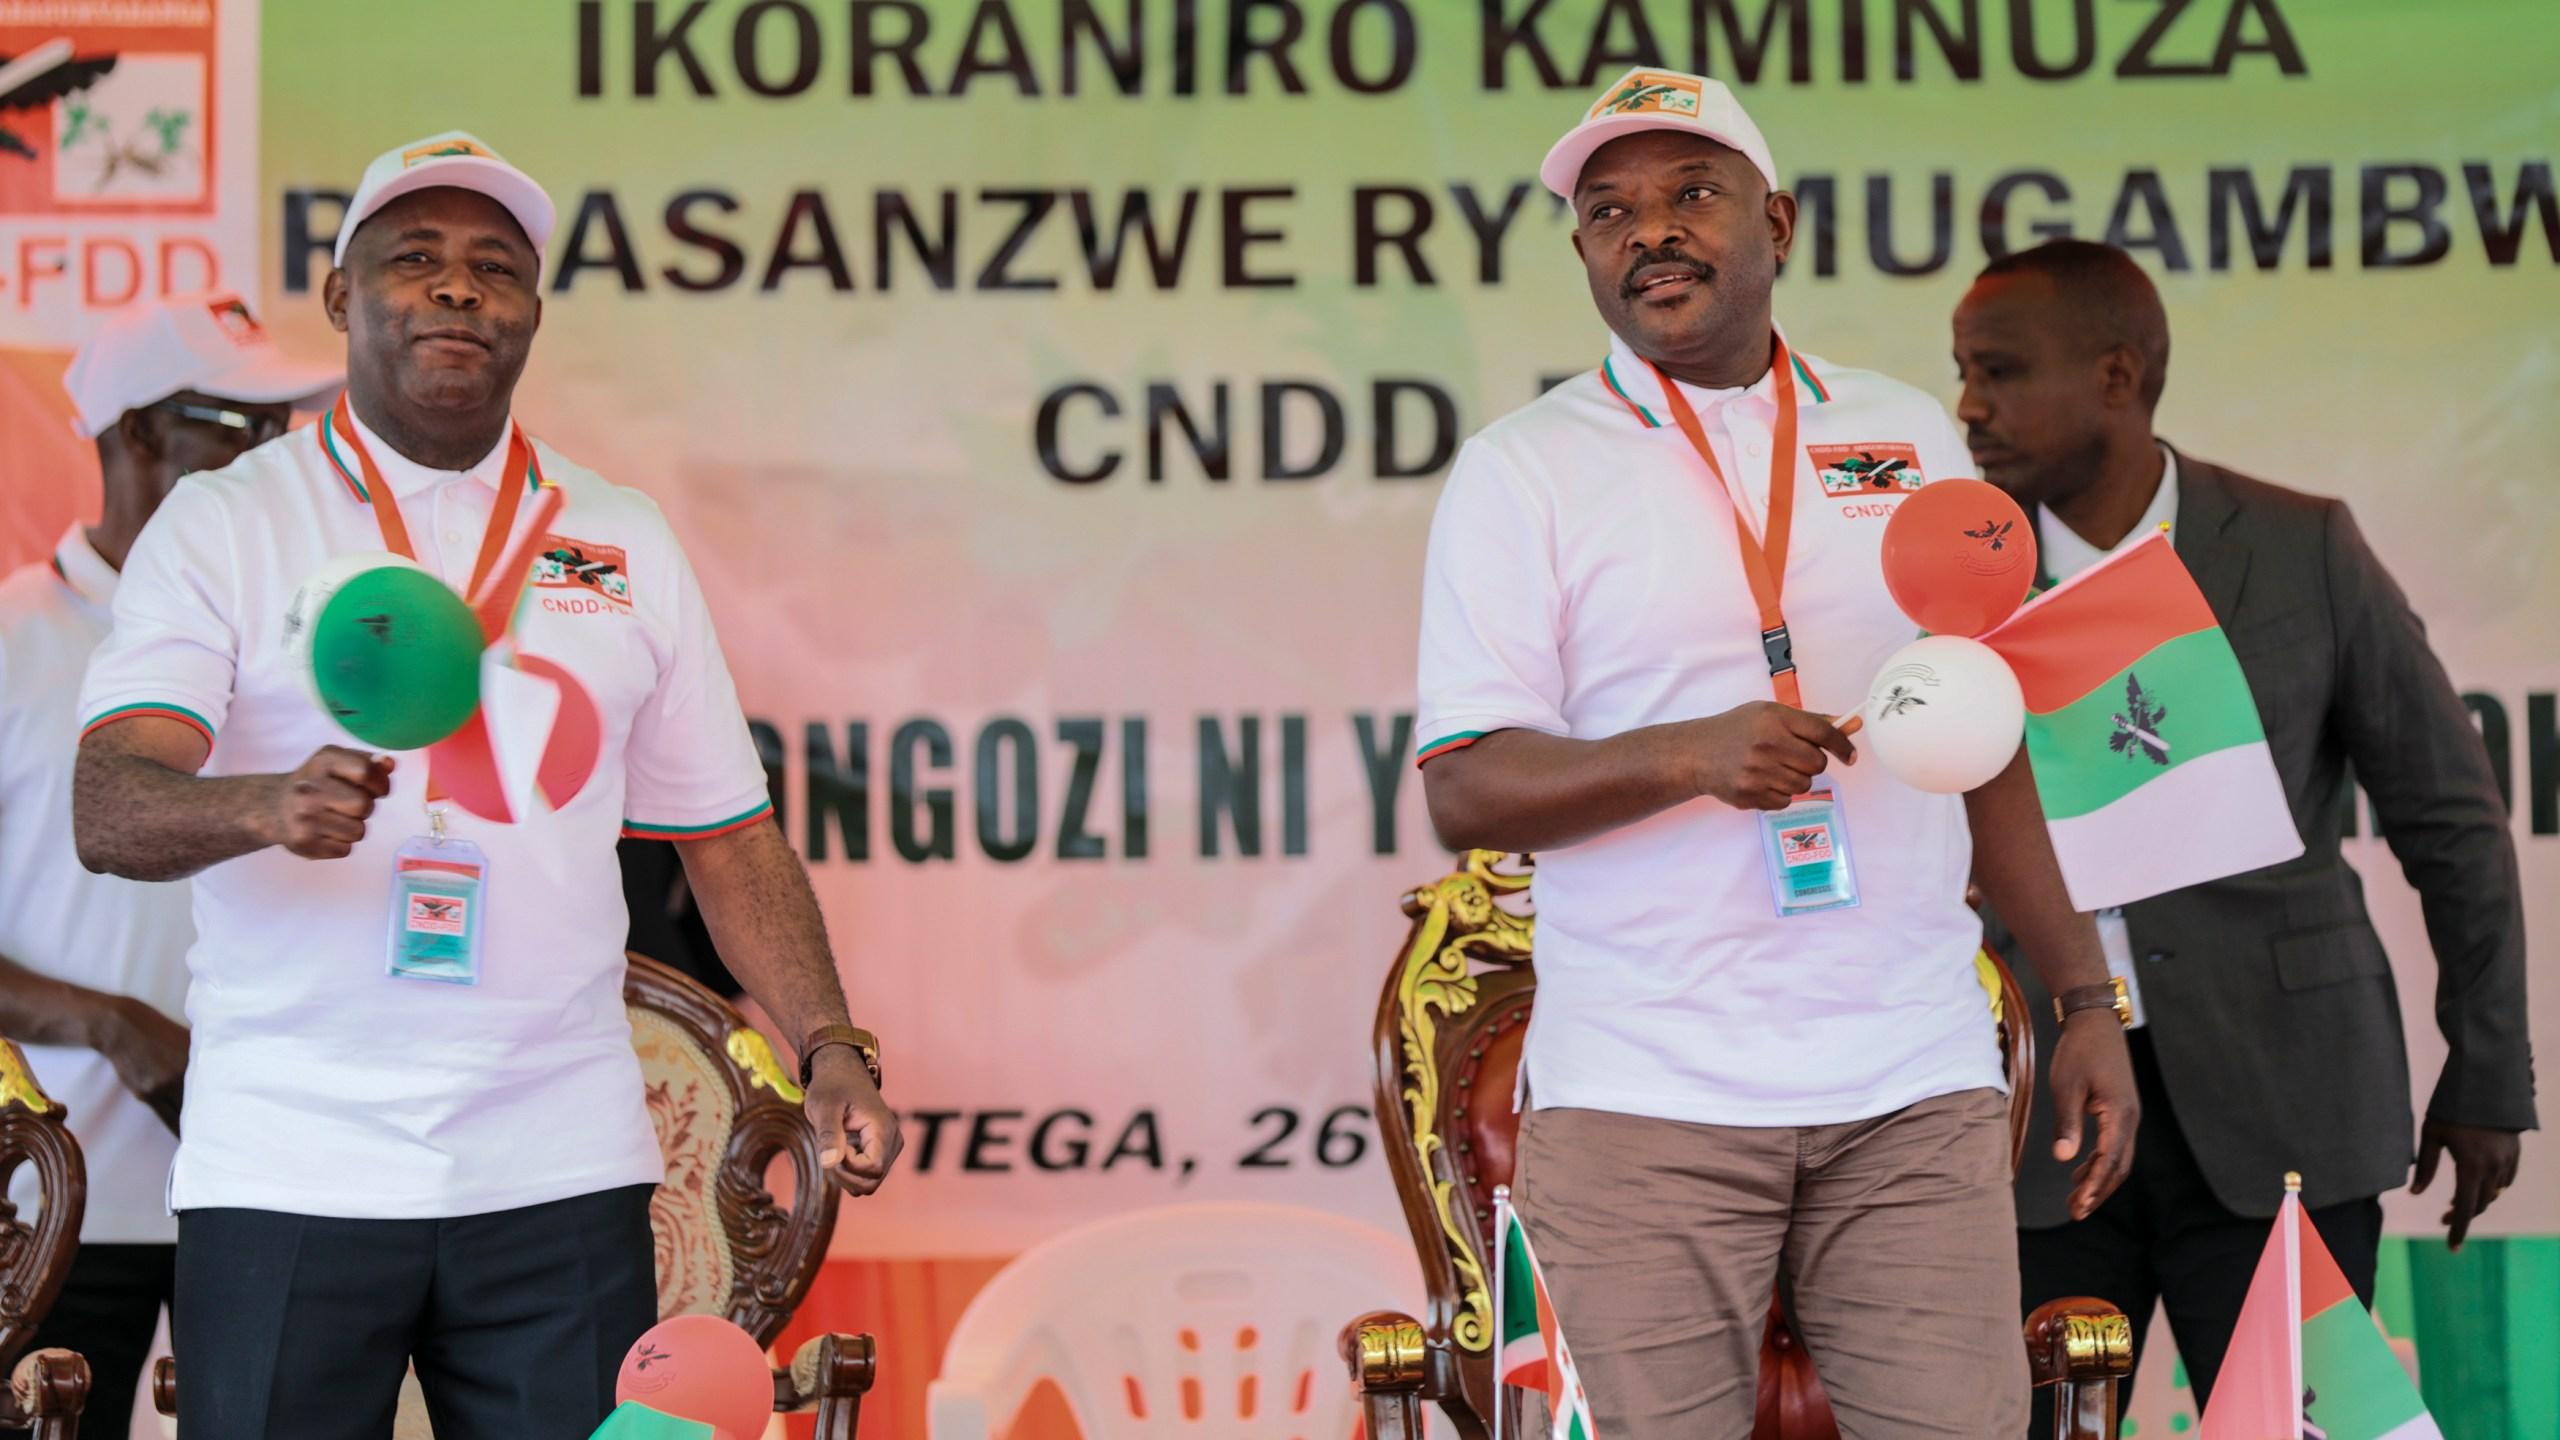 Evariste Ndayishimiye, Pierre Nkurunziza